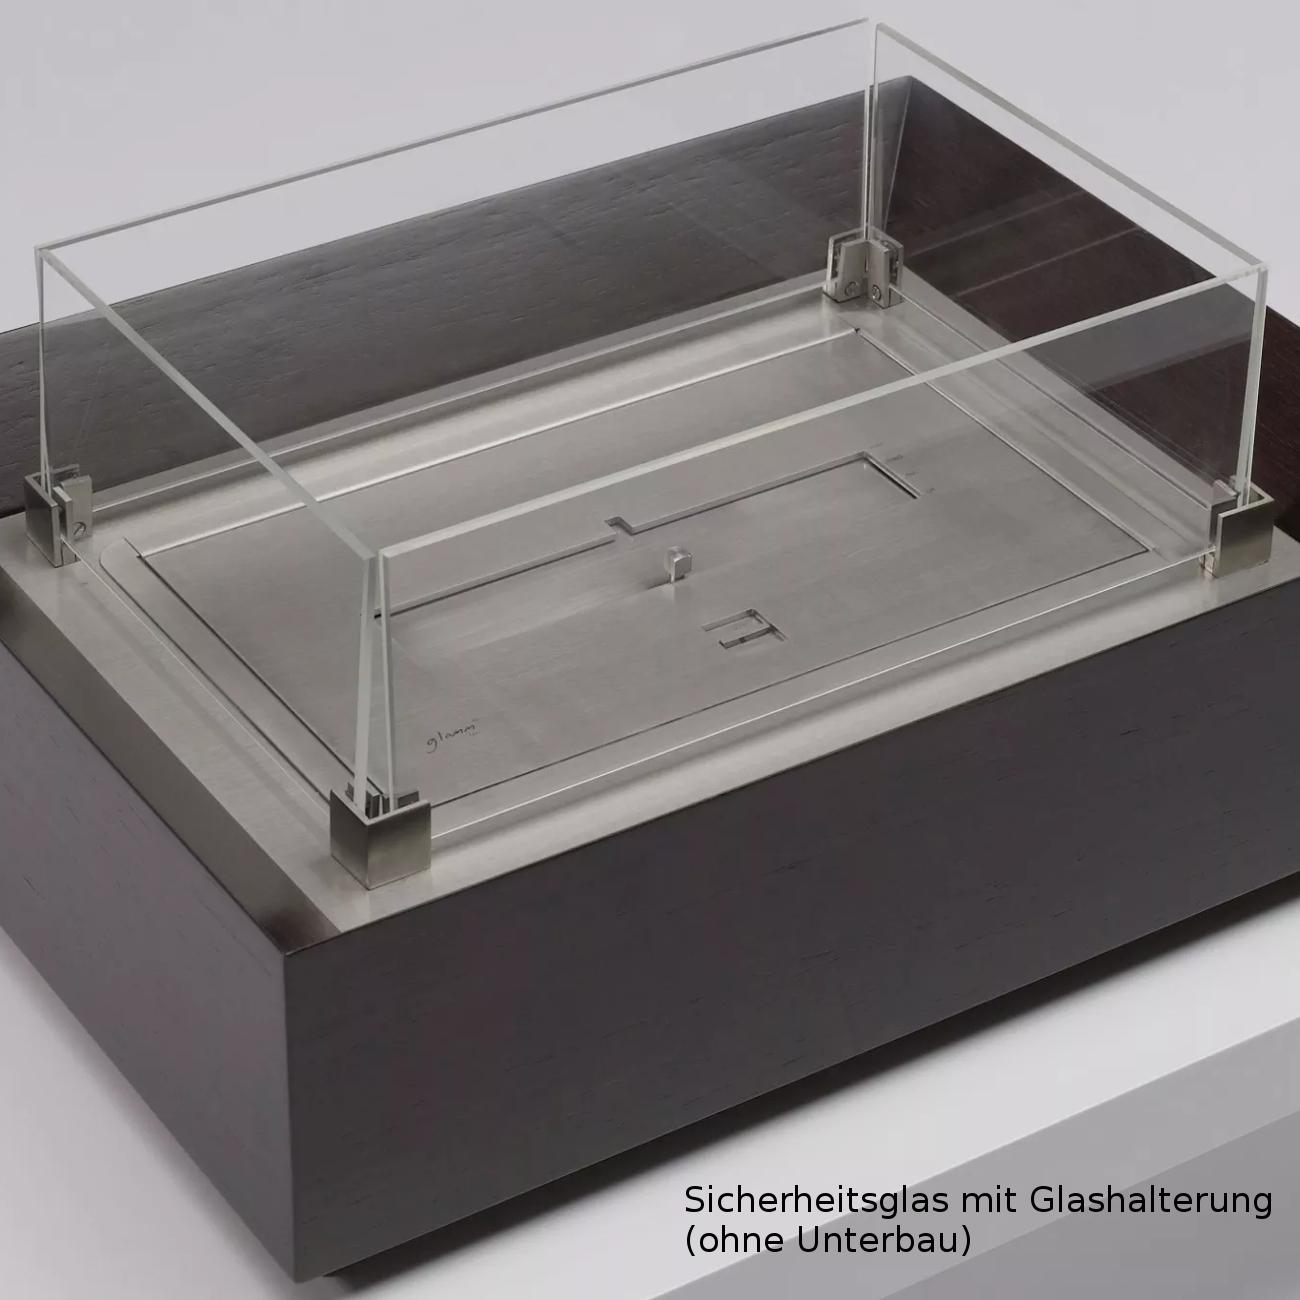 burner-II-glas15qe7L7SV9etJ6